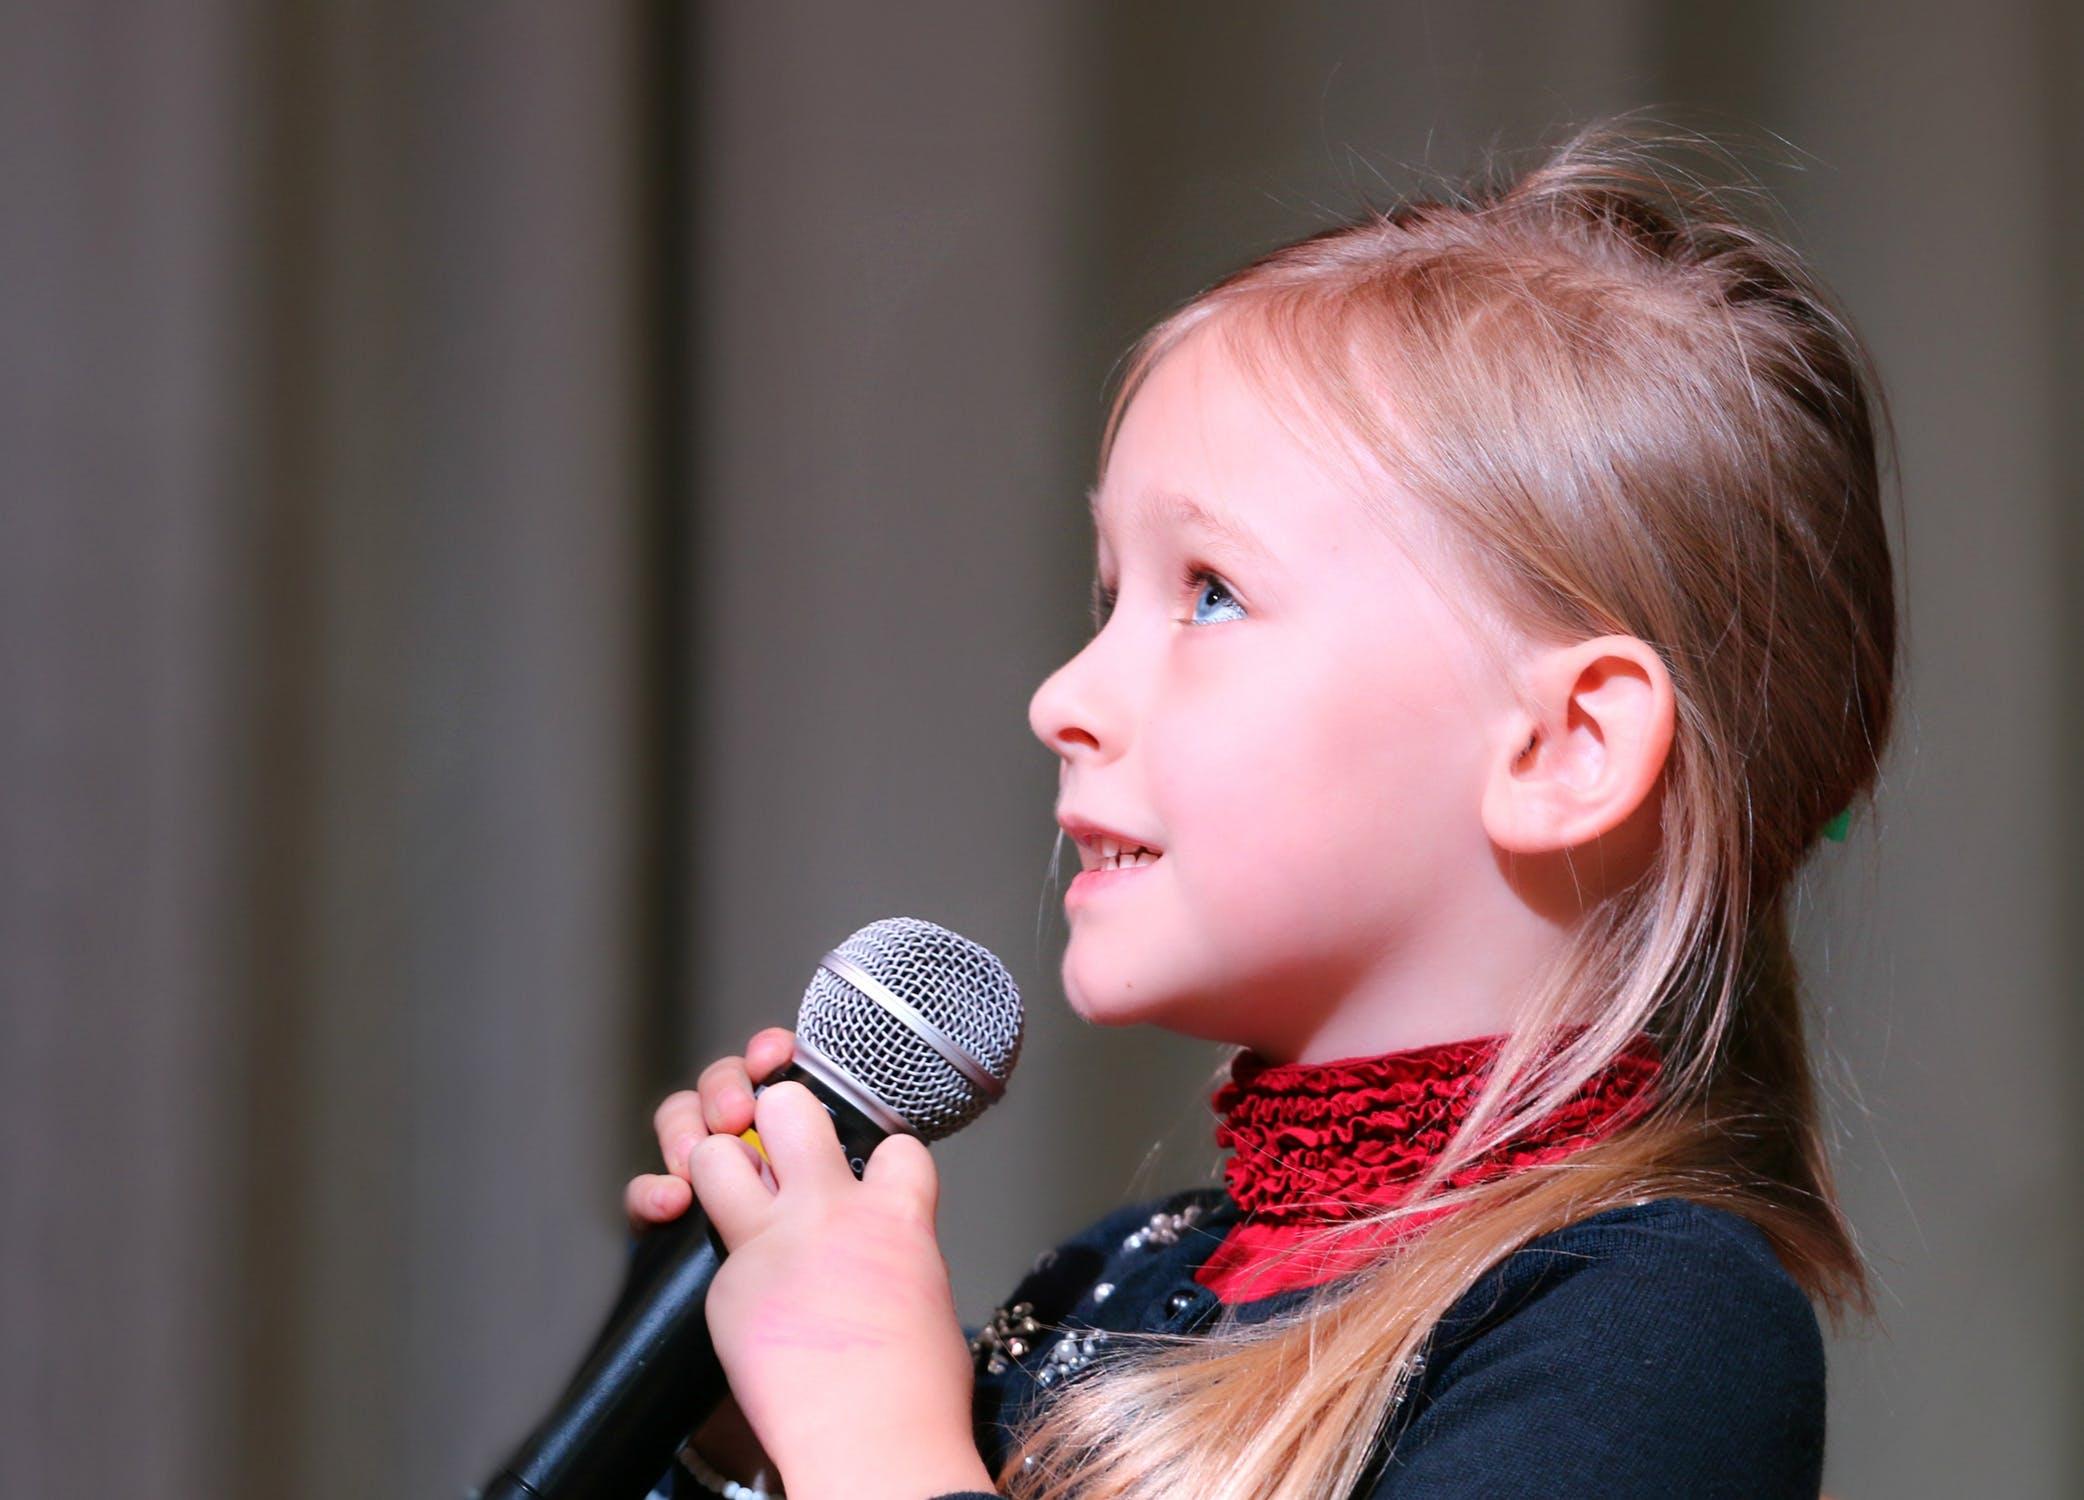 lille pige med mikrofon i hånden